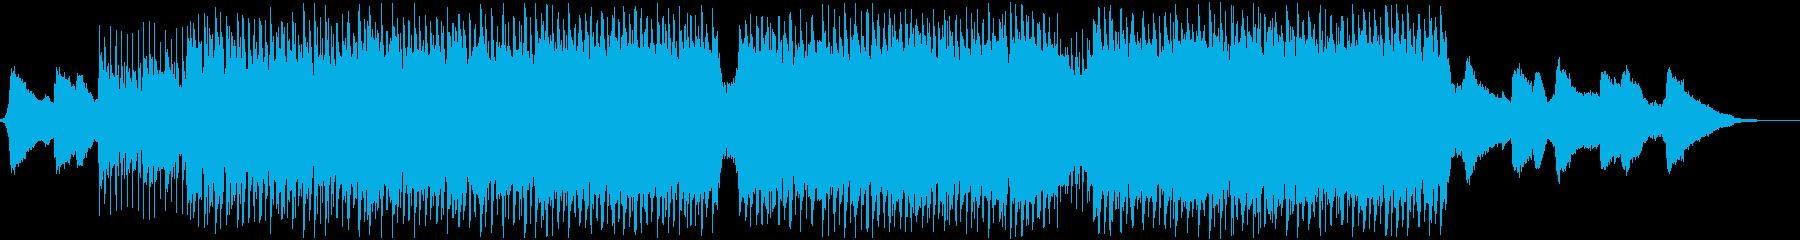 企業VP・映像・ポジティブ爽やかポップ2の再生済みの波形